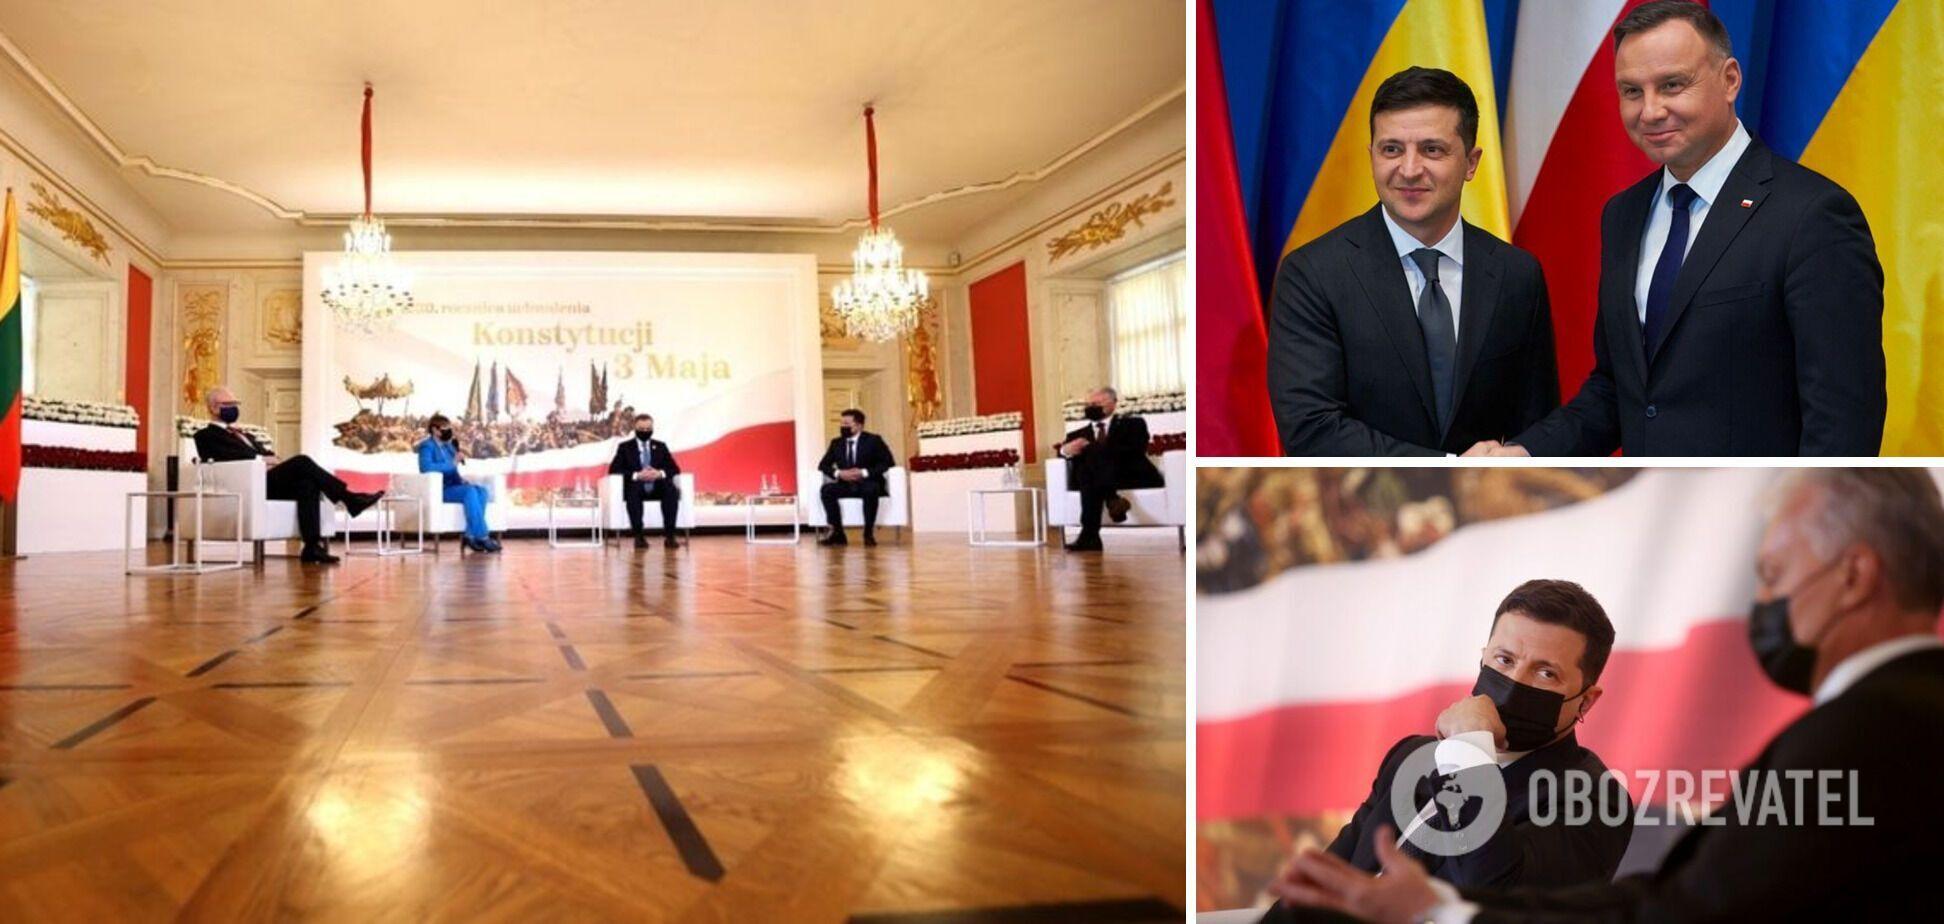 Встреча в Варшаве. Реальность за декорациями